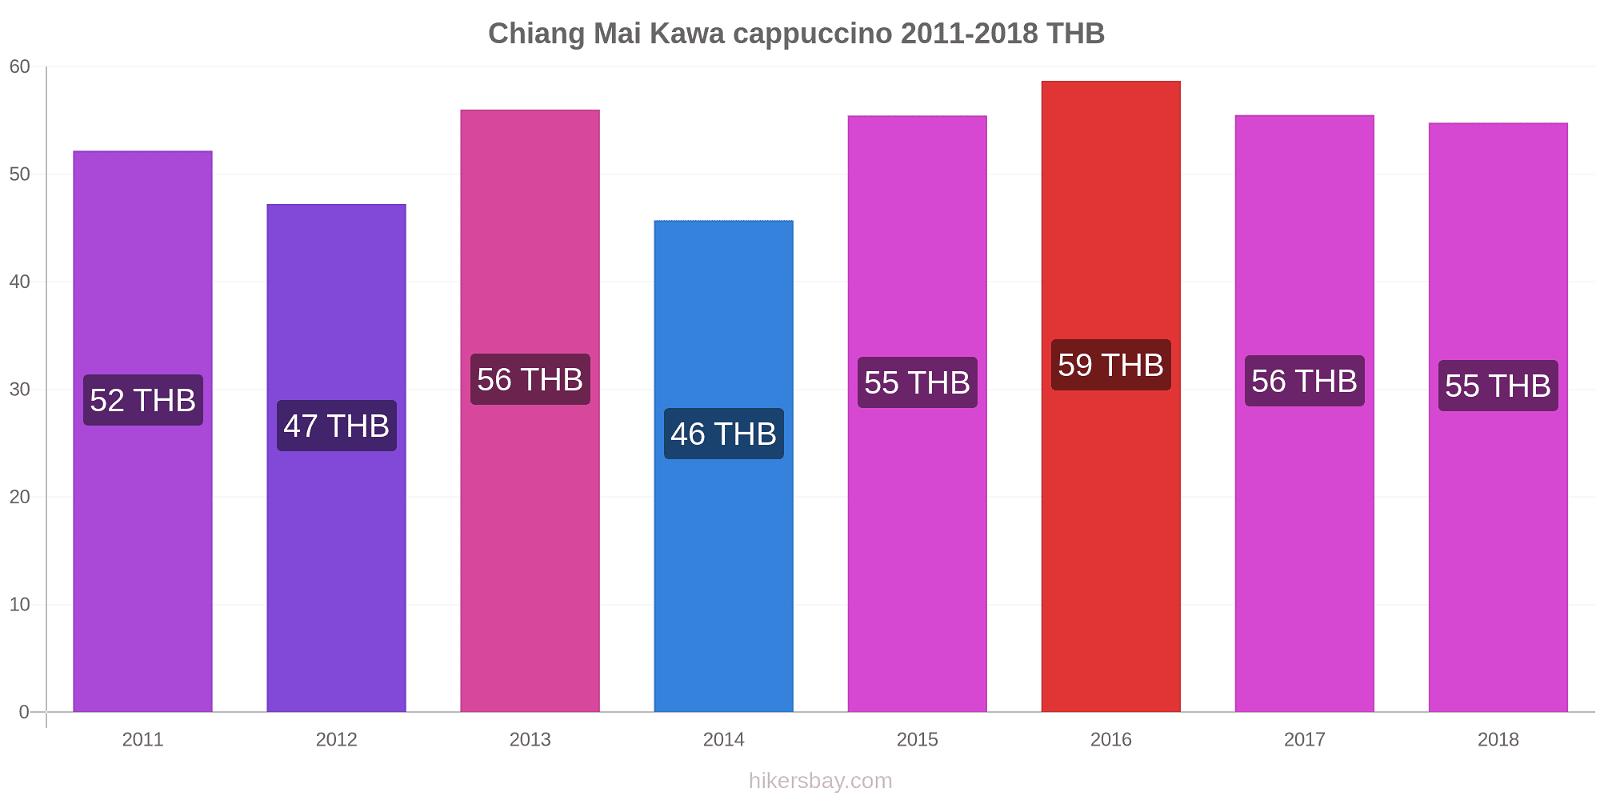 Chiang Mai zmiany cen Kawa cappuccino hikersbay.com